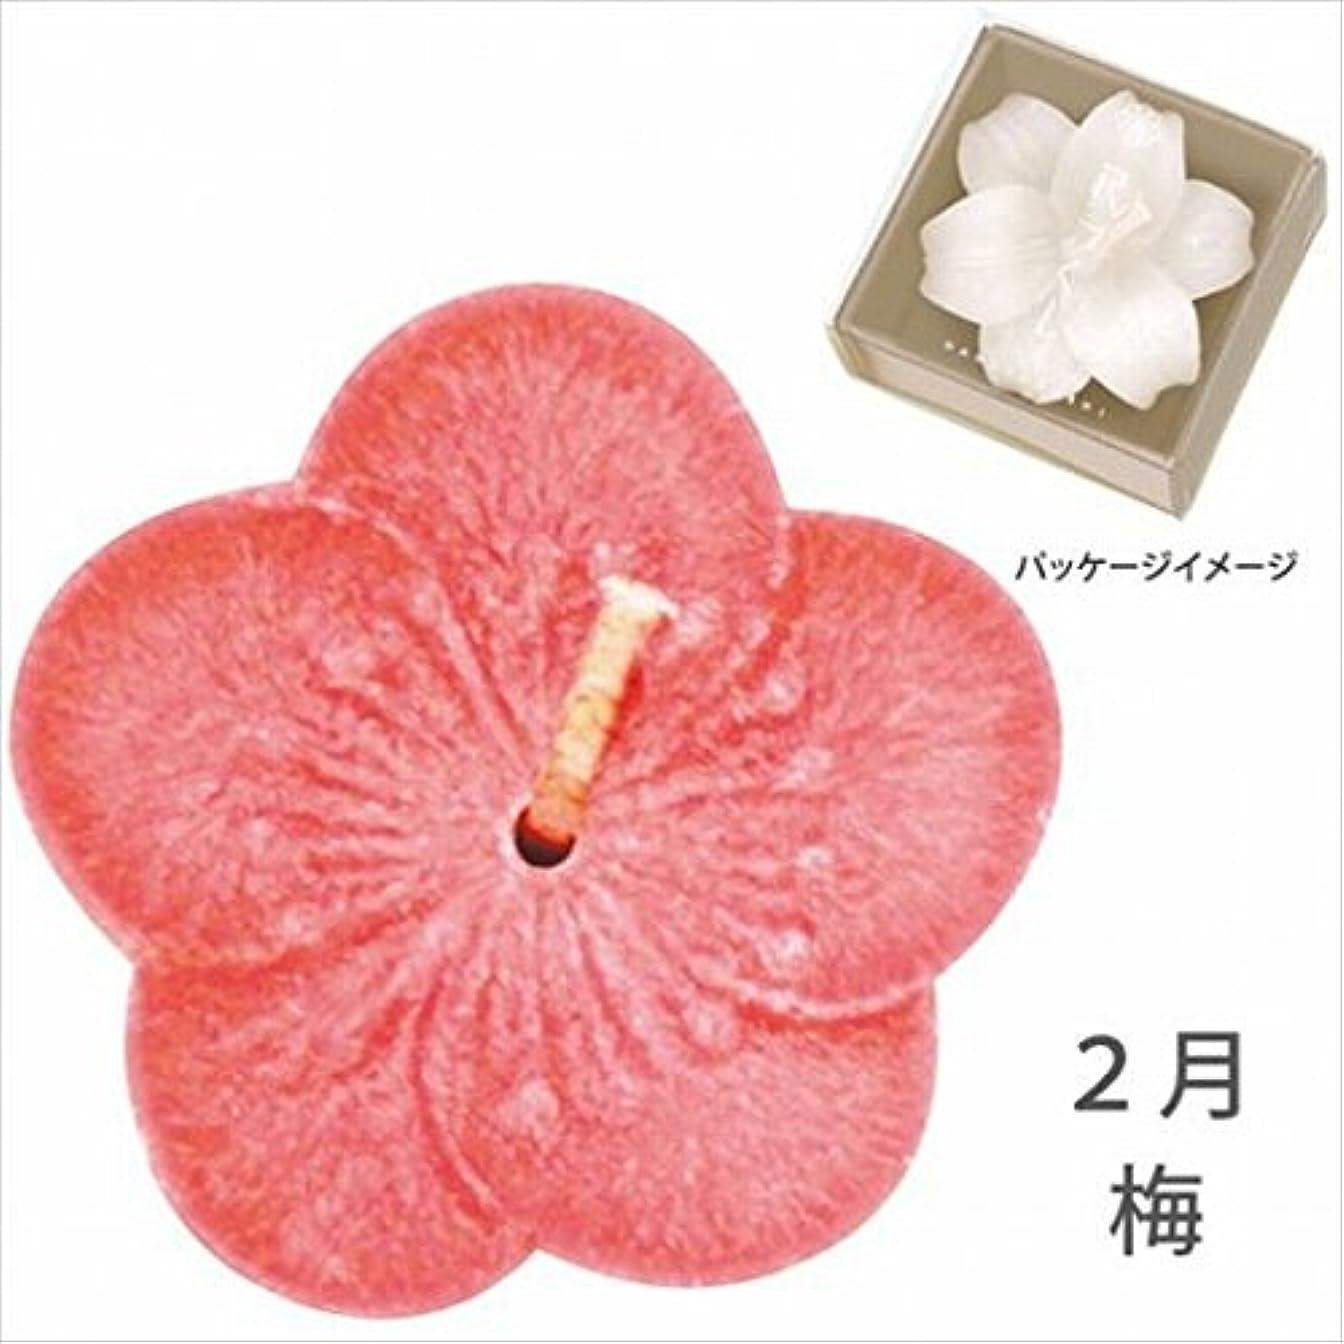 対応するエンジン物理的にカメヤマキャンドル( kameyama candle ) 花づくし(植物性) 梅 「 梅(2月) 」 キャンドル